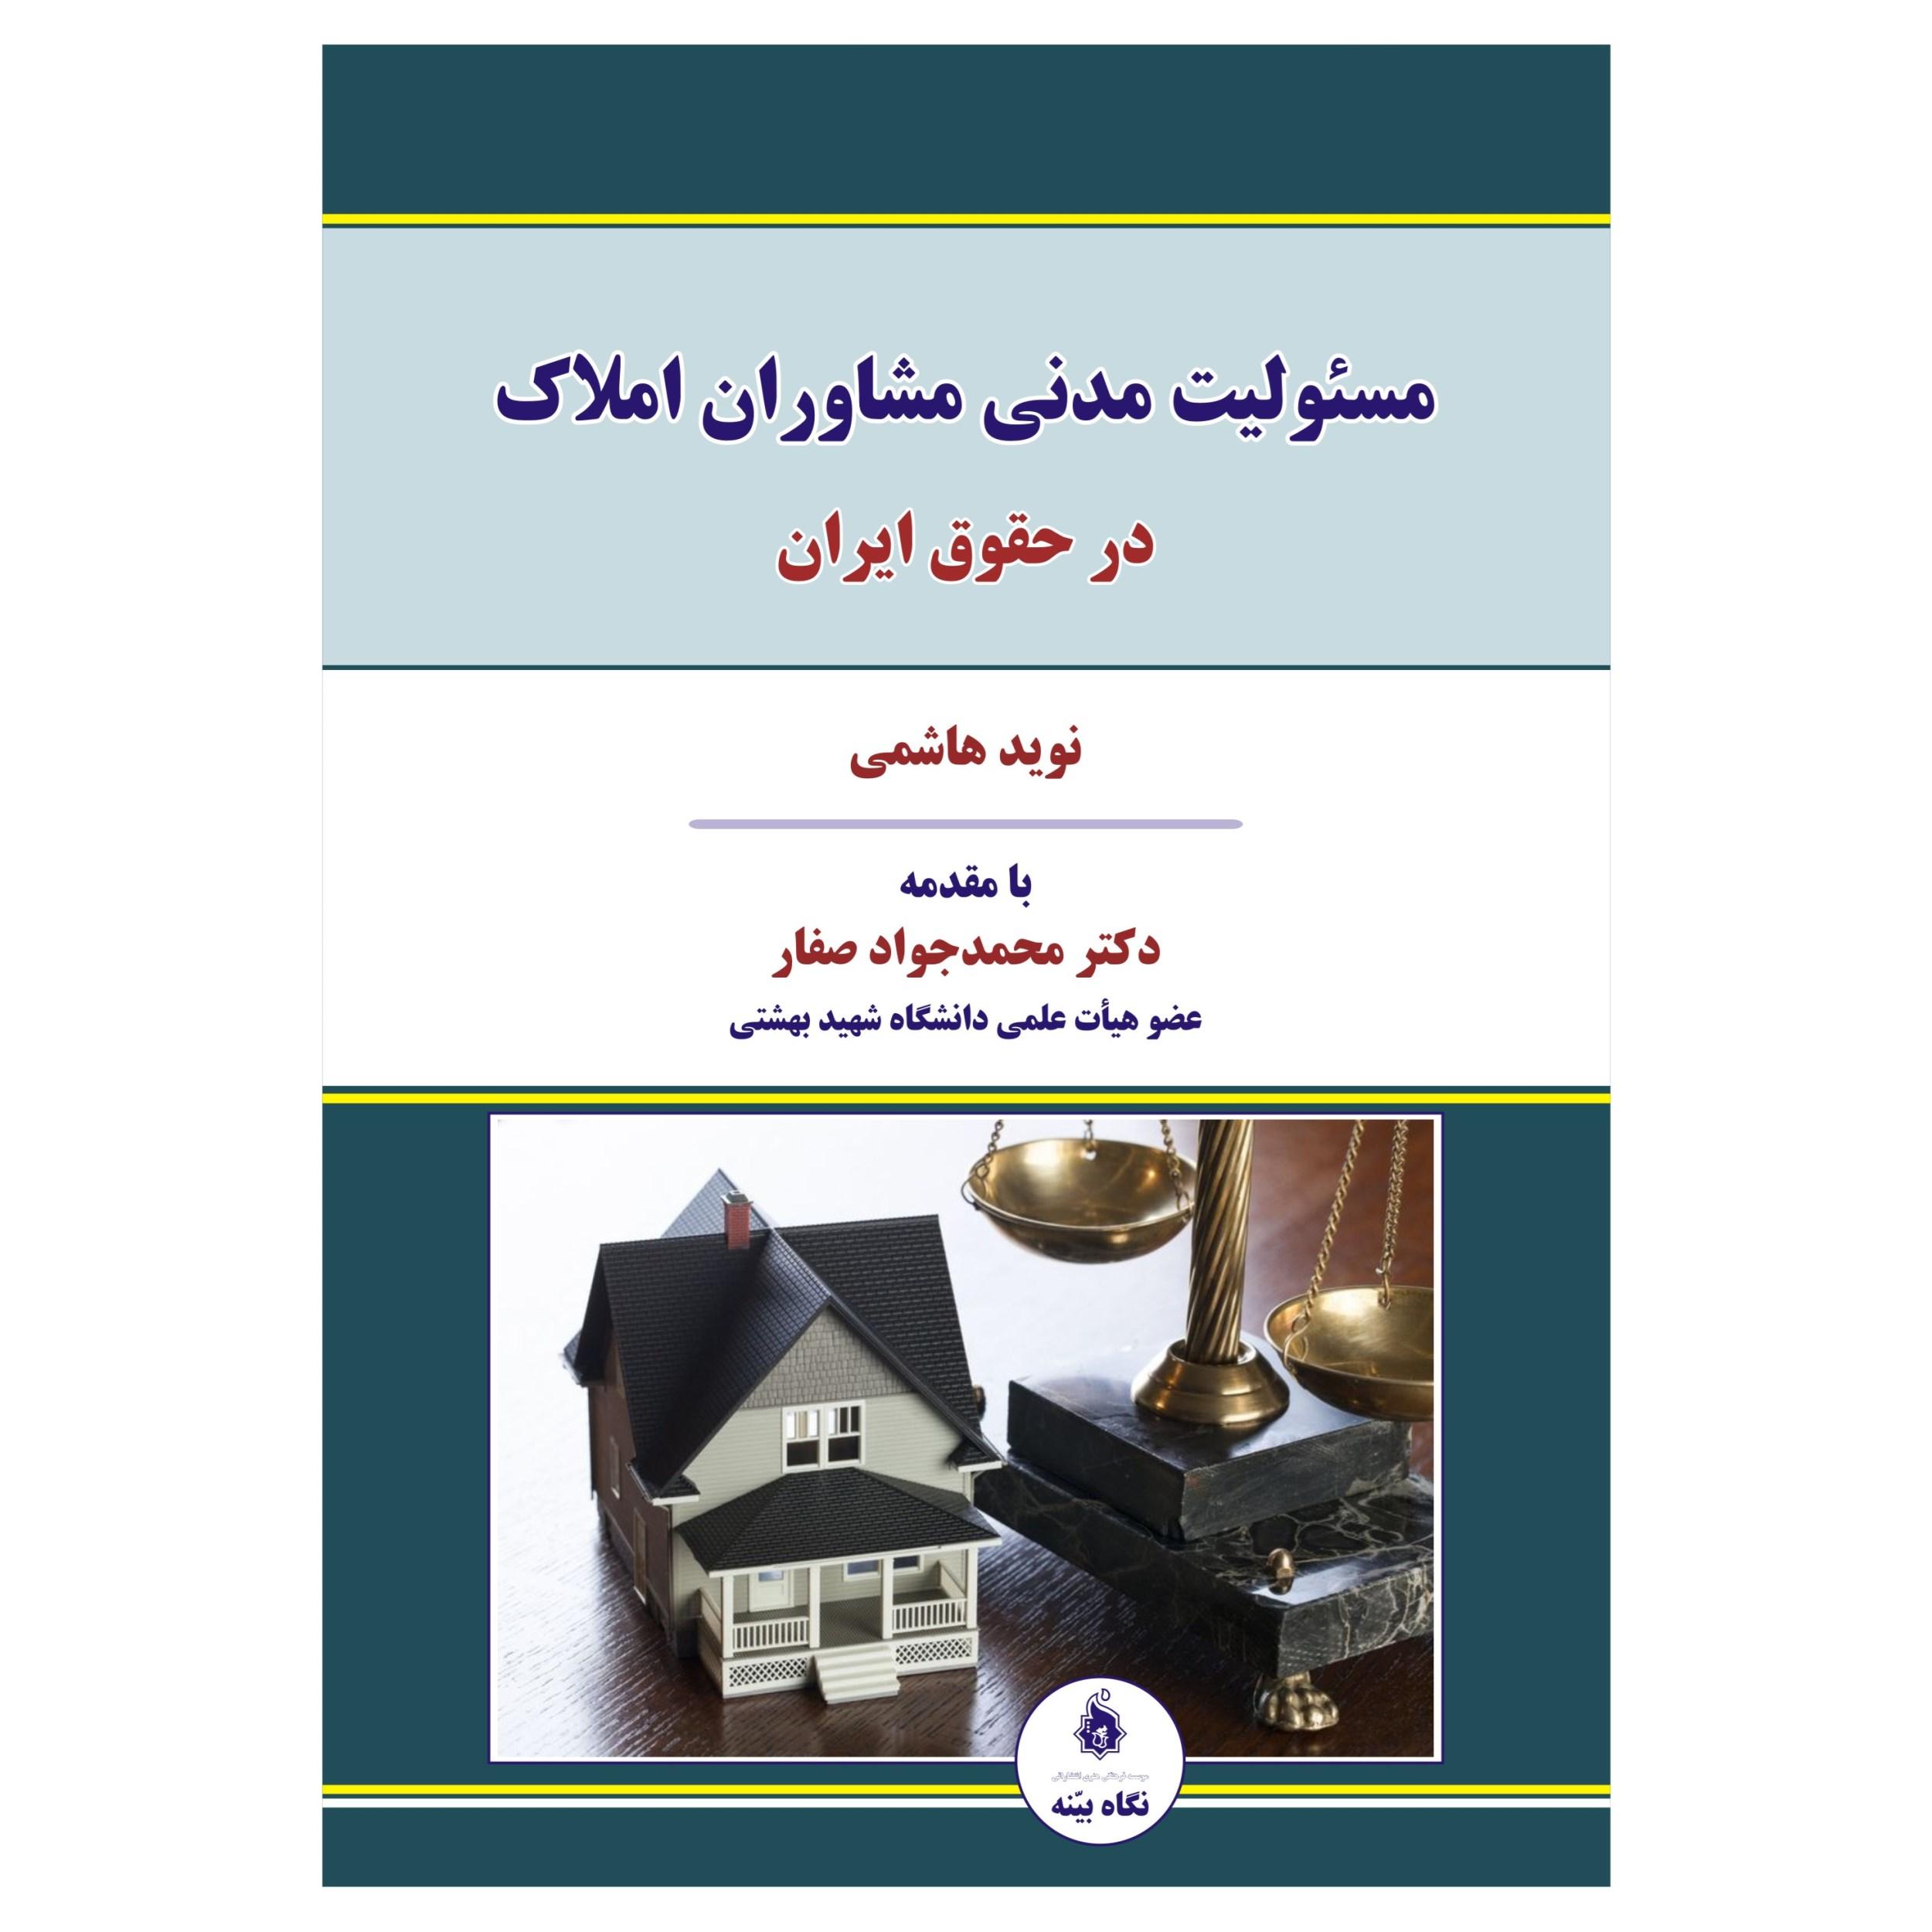 خرید                      کتاب مسئولیت مدنی مشاوران املاک در حقوق ایران اثر نوید هاشمی انتشارات نگاه بیّنه